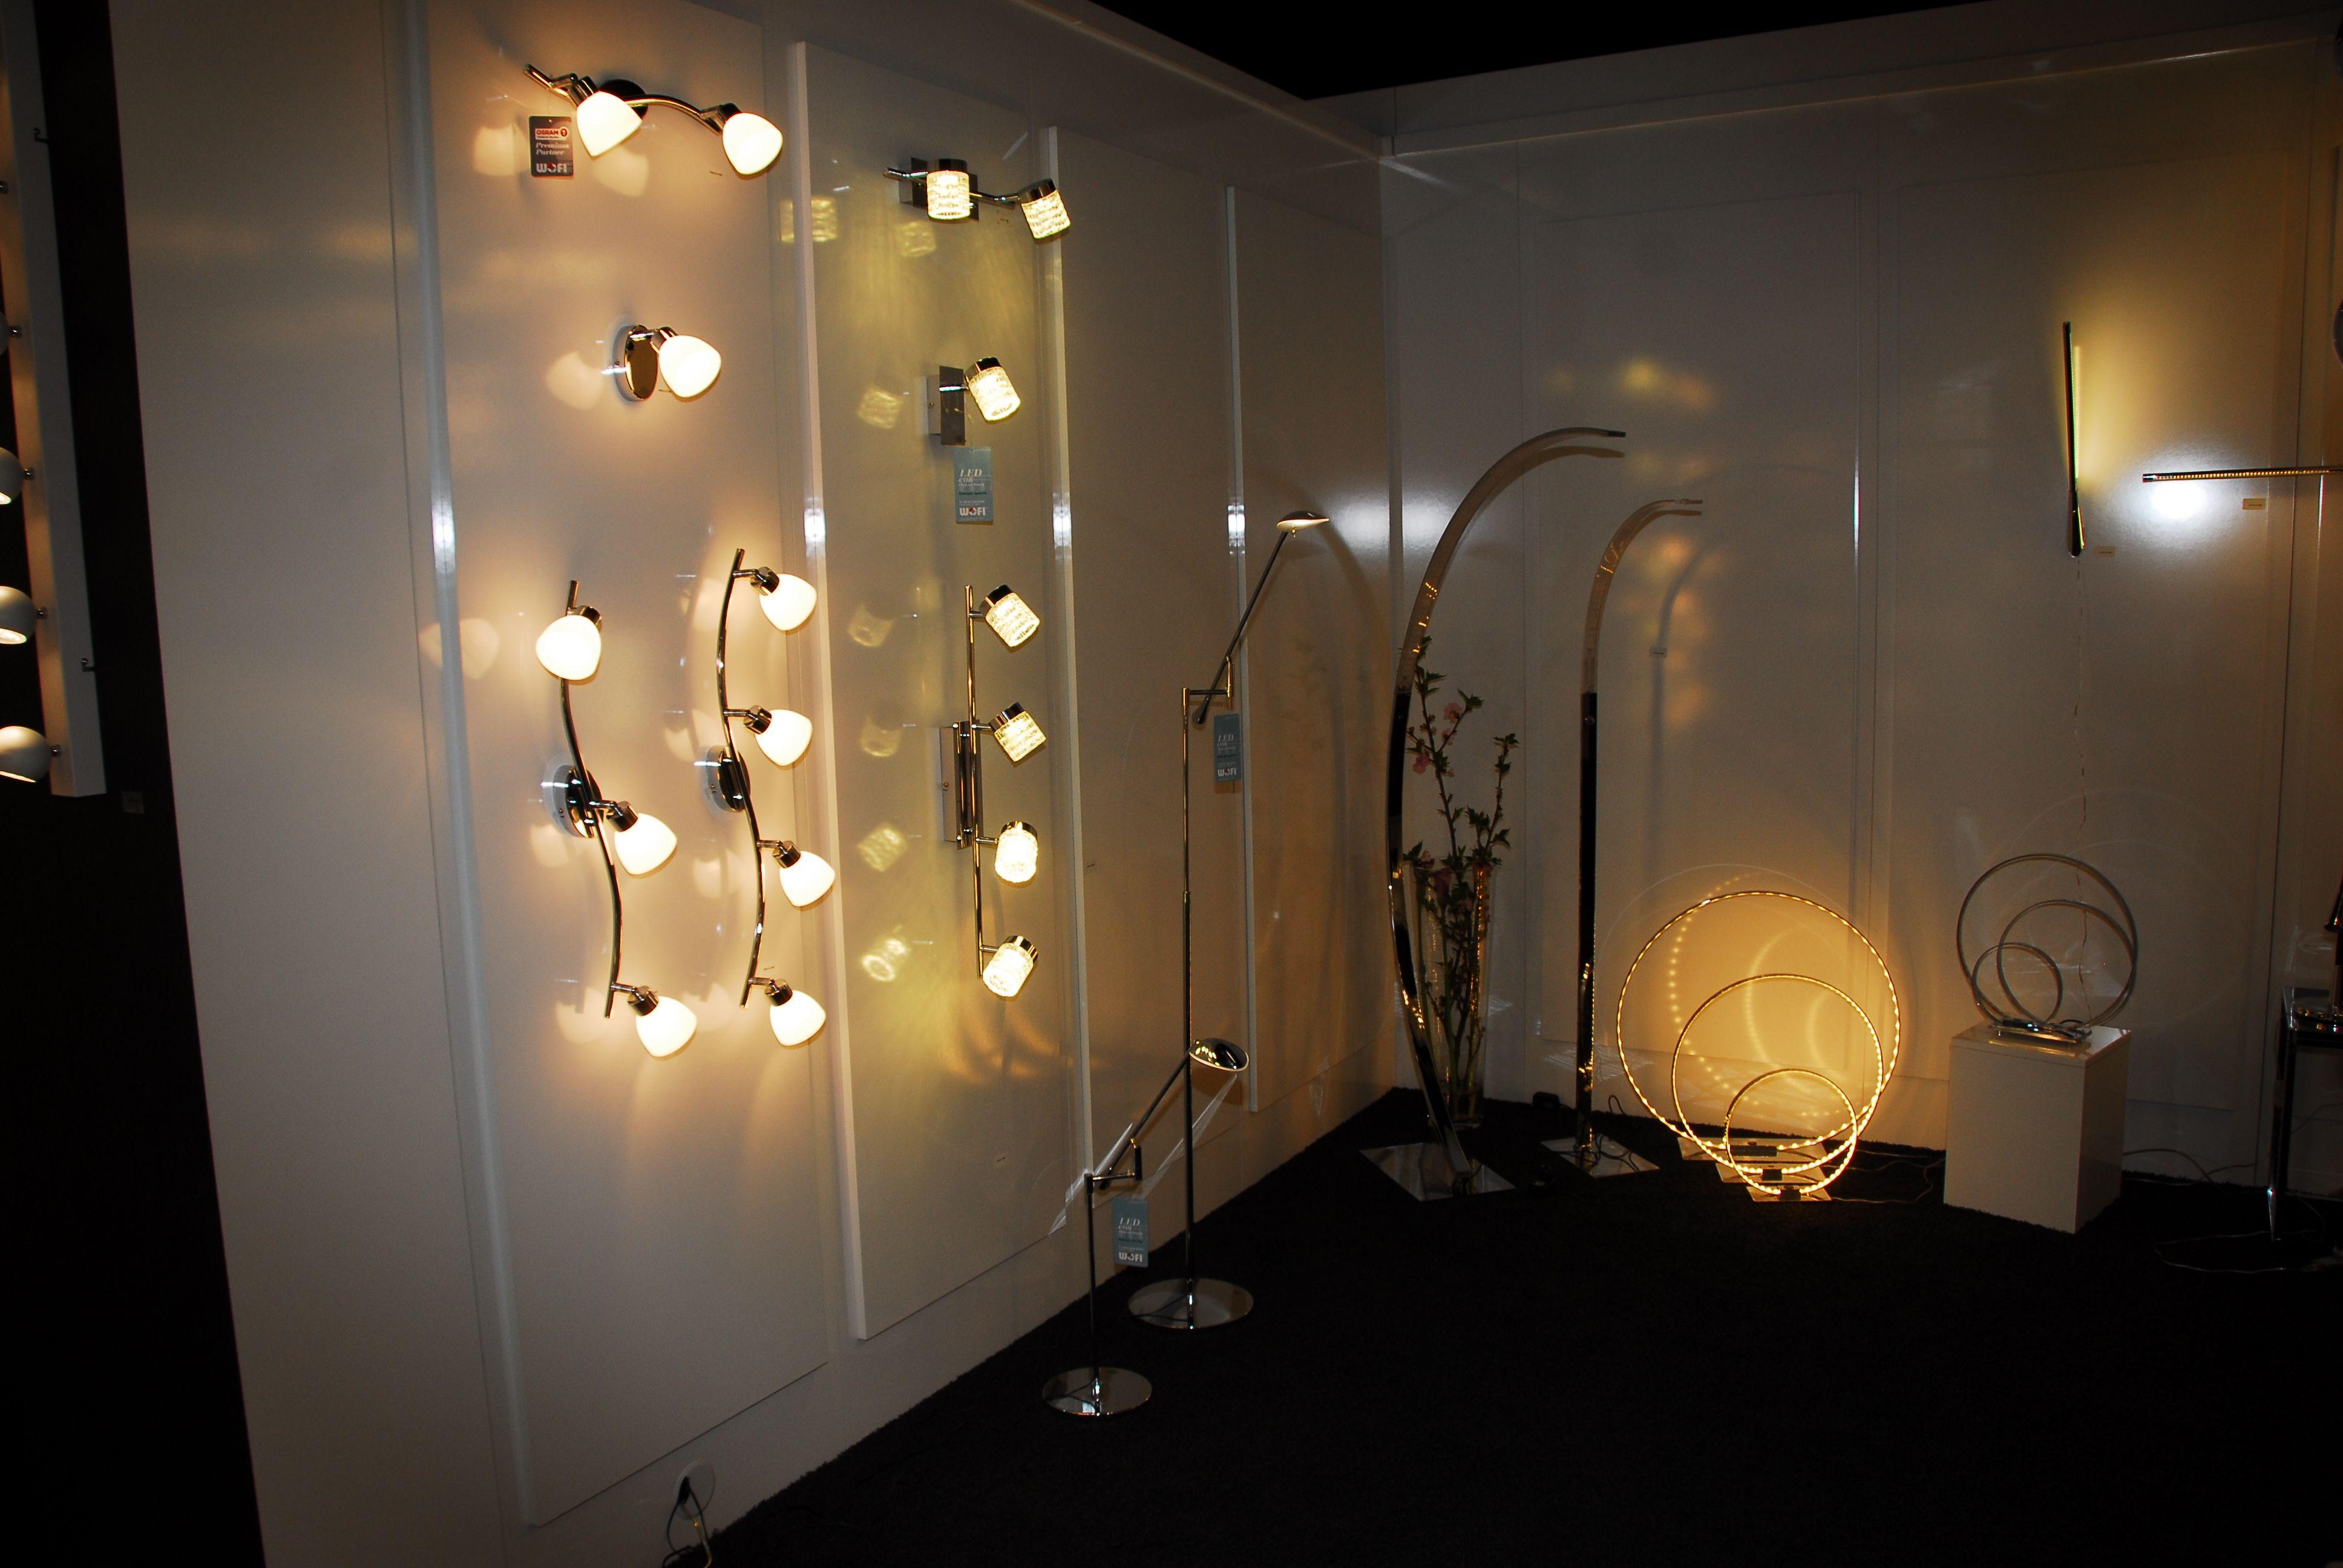 Wofi Leuchten Messeauftritt Messestandideen Messeideen Messeistallation Messearchitektur Messekonzept Messeinspira Lampen Und Leuchten Wofi Lampen Lampen